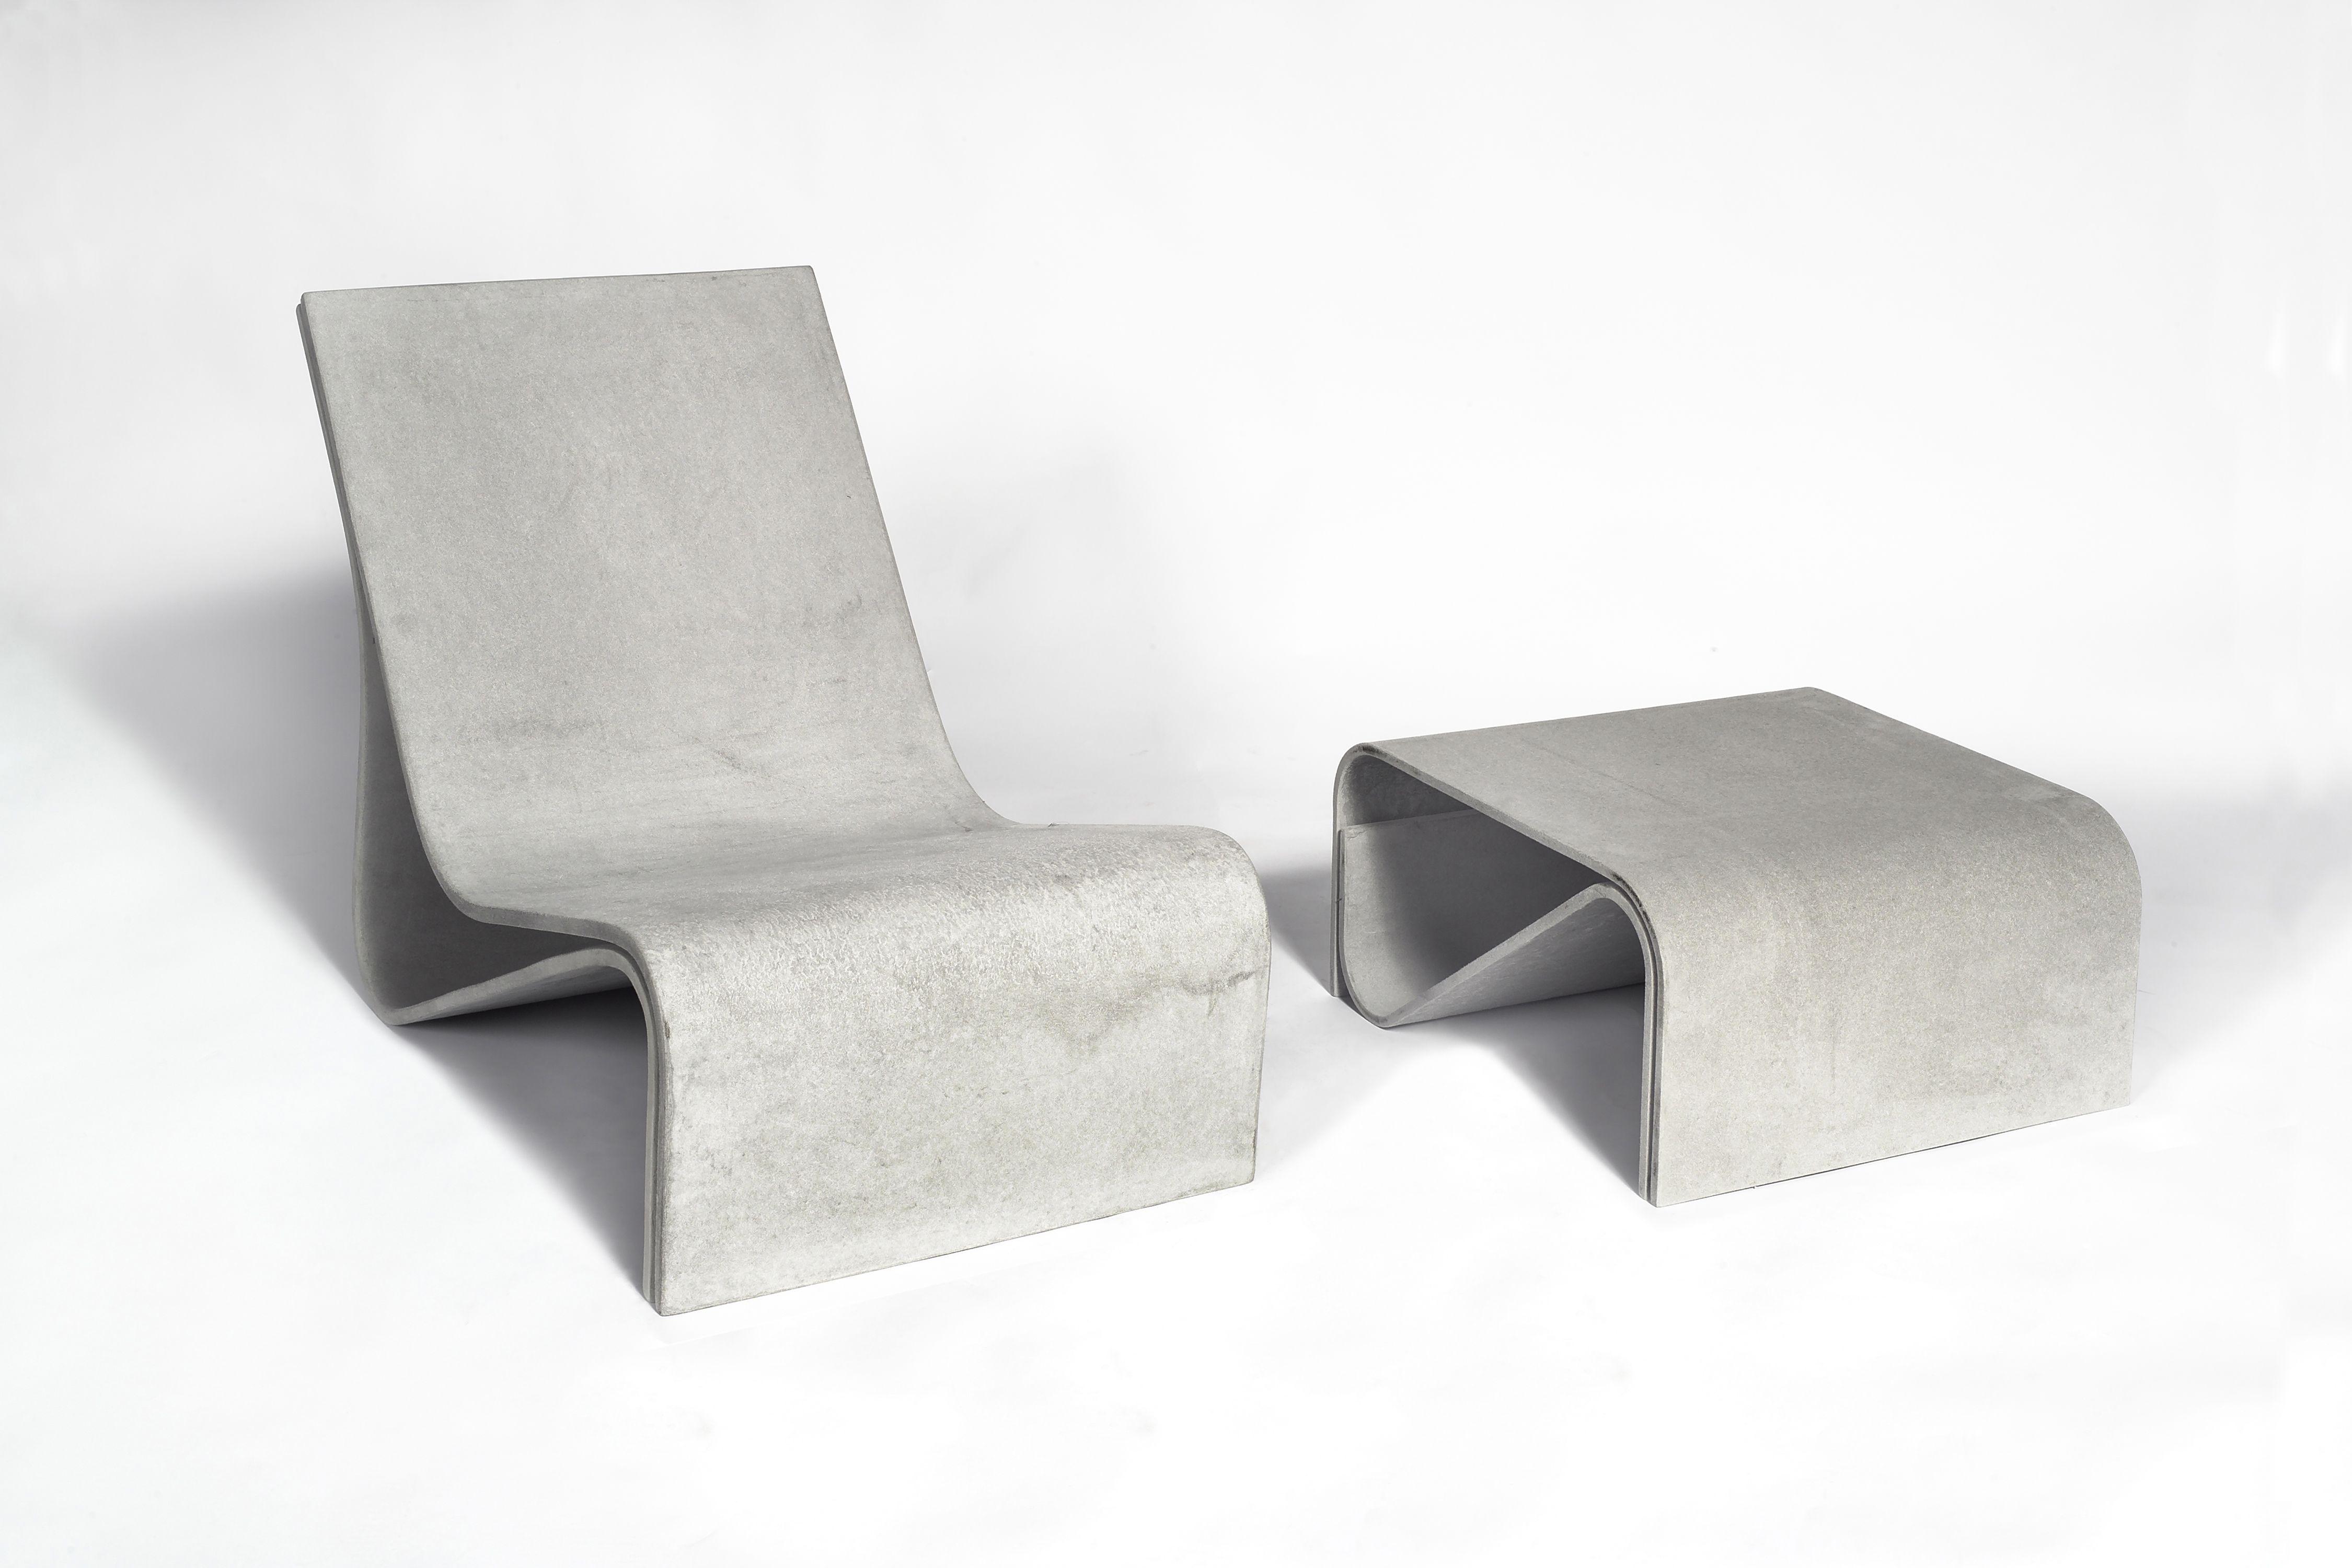 0ddb07e830c18568145895c5a822c14e Incroyable De Table Plus Chaise Des Idées